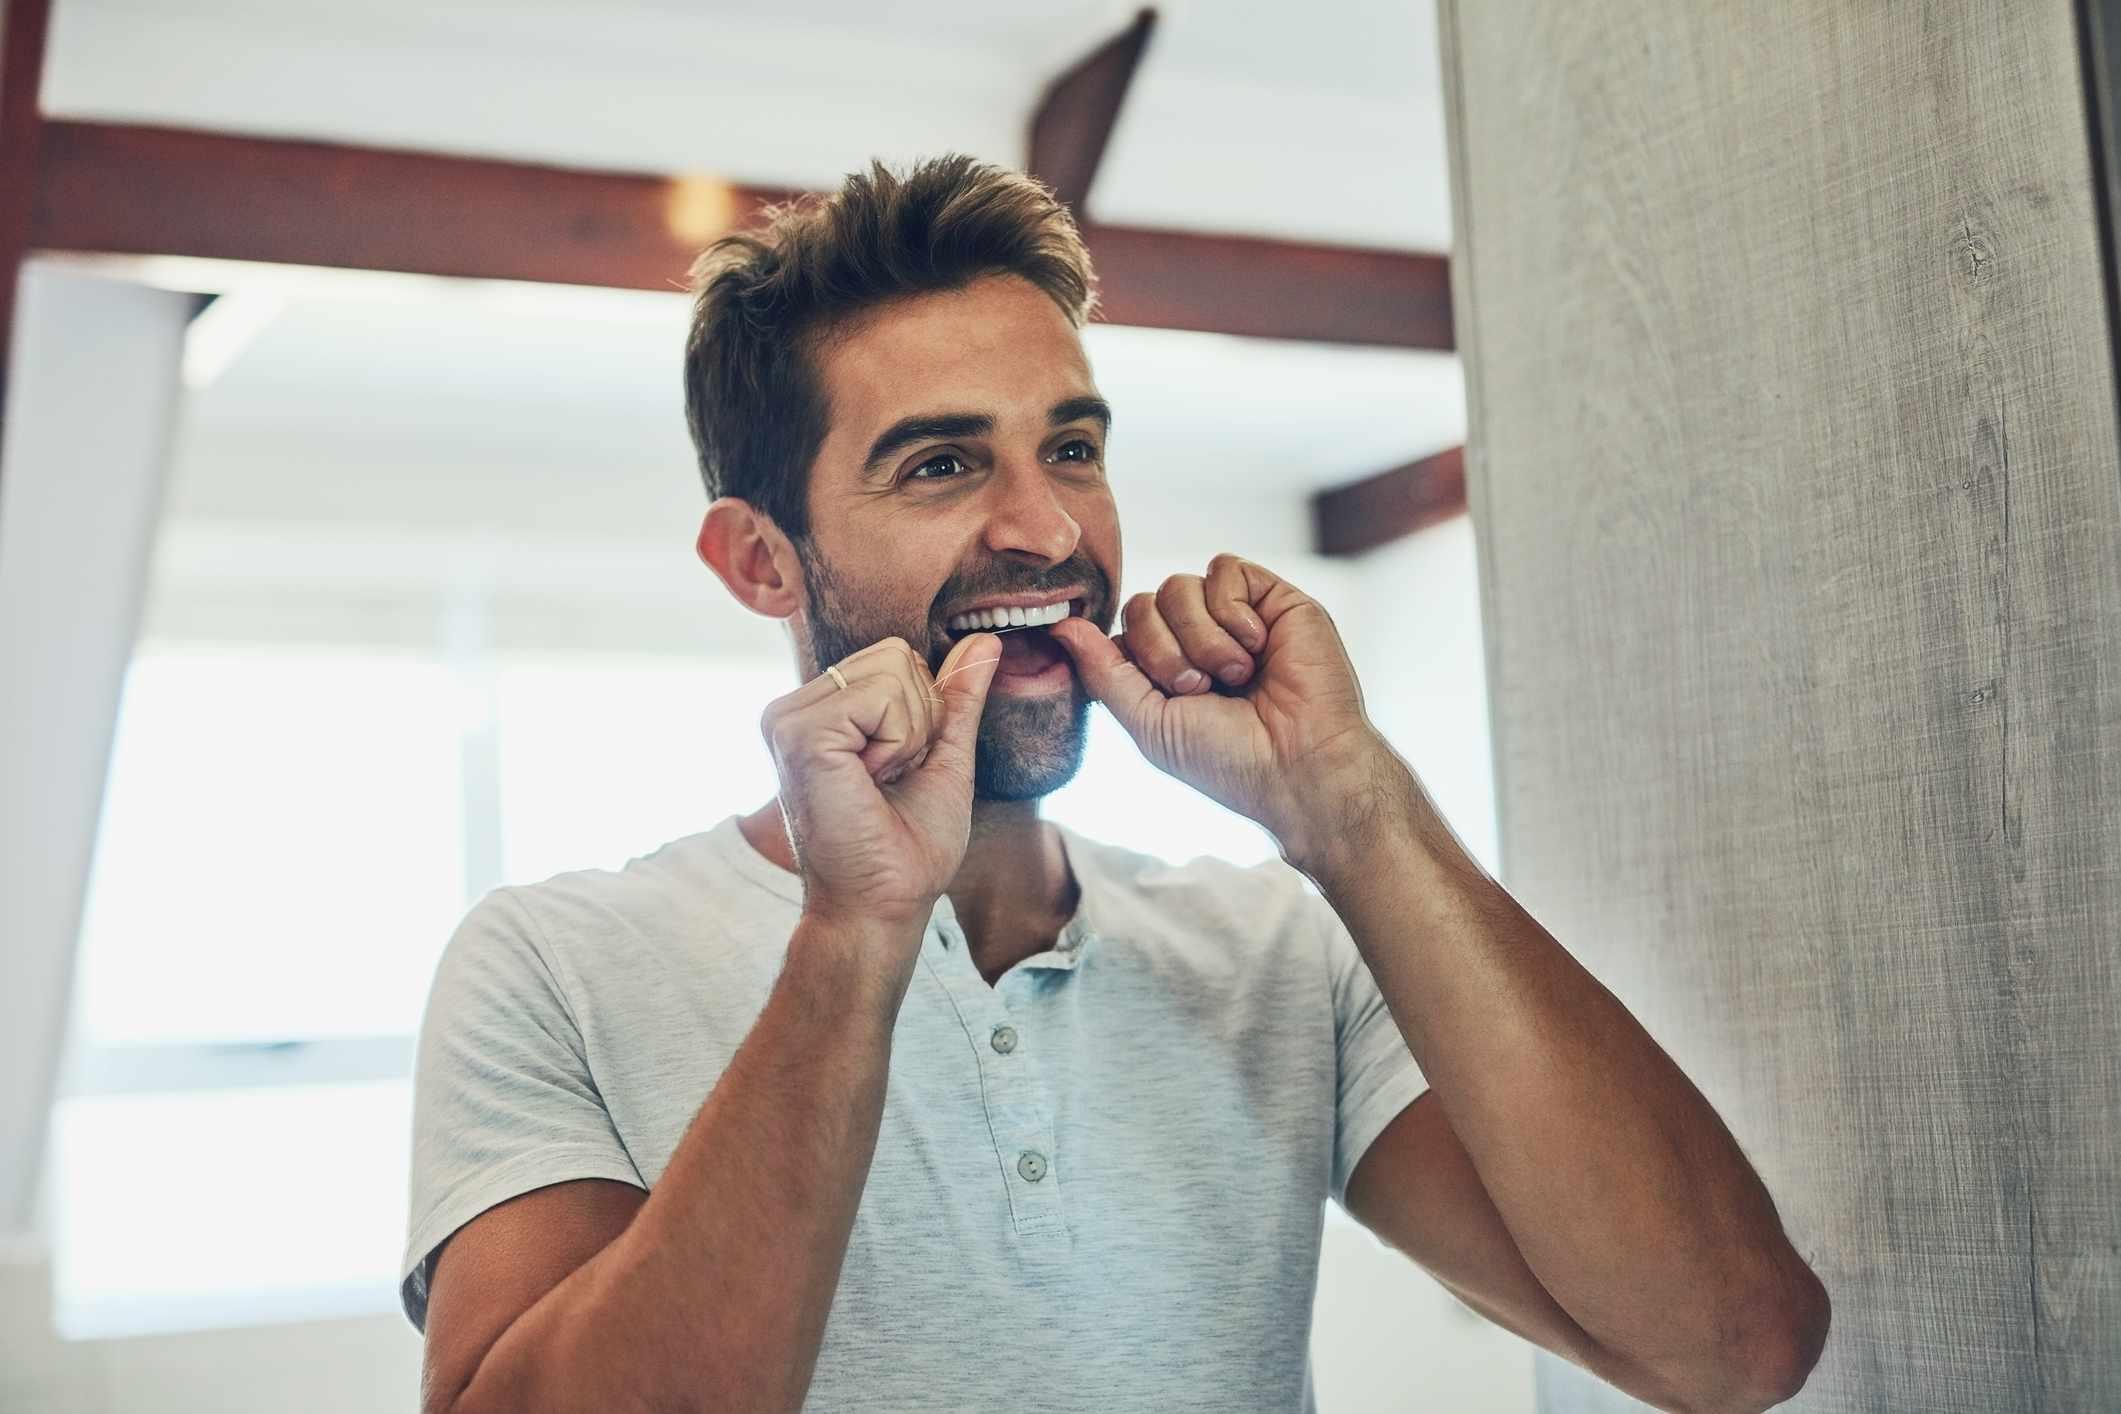 هل من الضروري تنظيف الأسنان بالخيط - هل يجب علينا تنظيف أسناننا باستخدام خيط الأسنان - البكتريا المتراكمة على سطح السن - التسوس